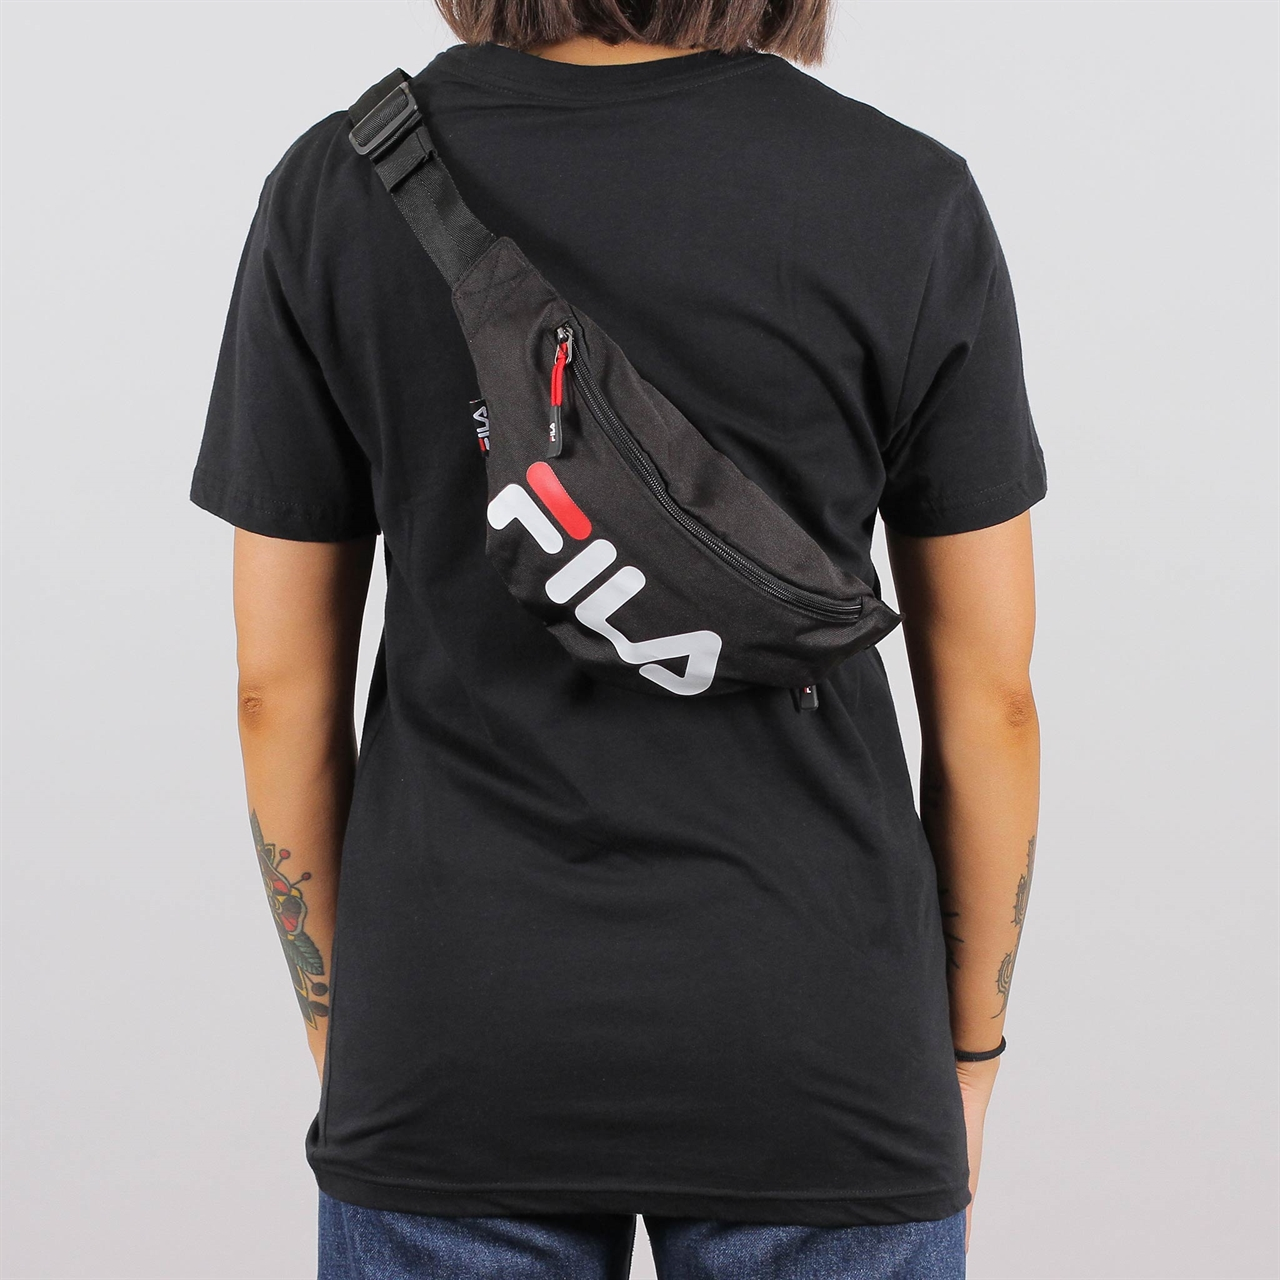 b9e0245dad68 Shelta - Fila Waist Bag Slim (685003-002)